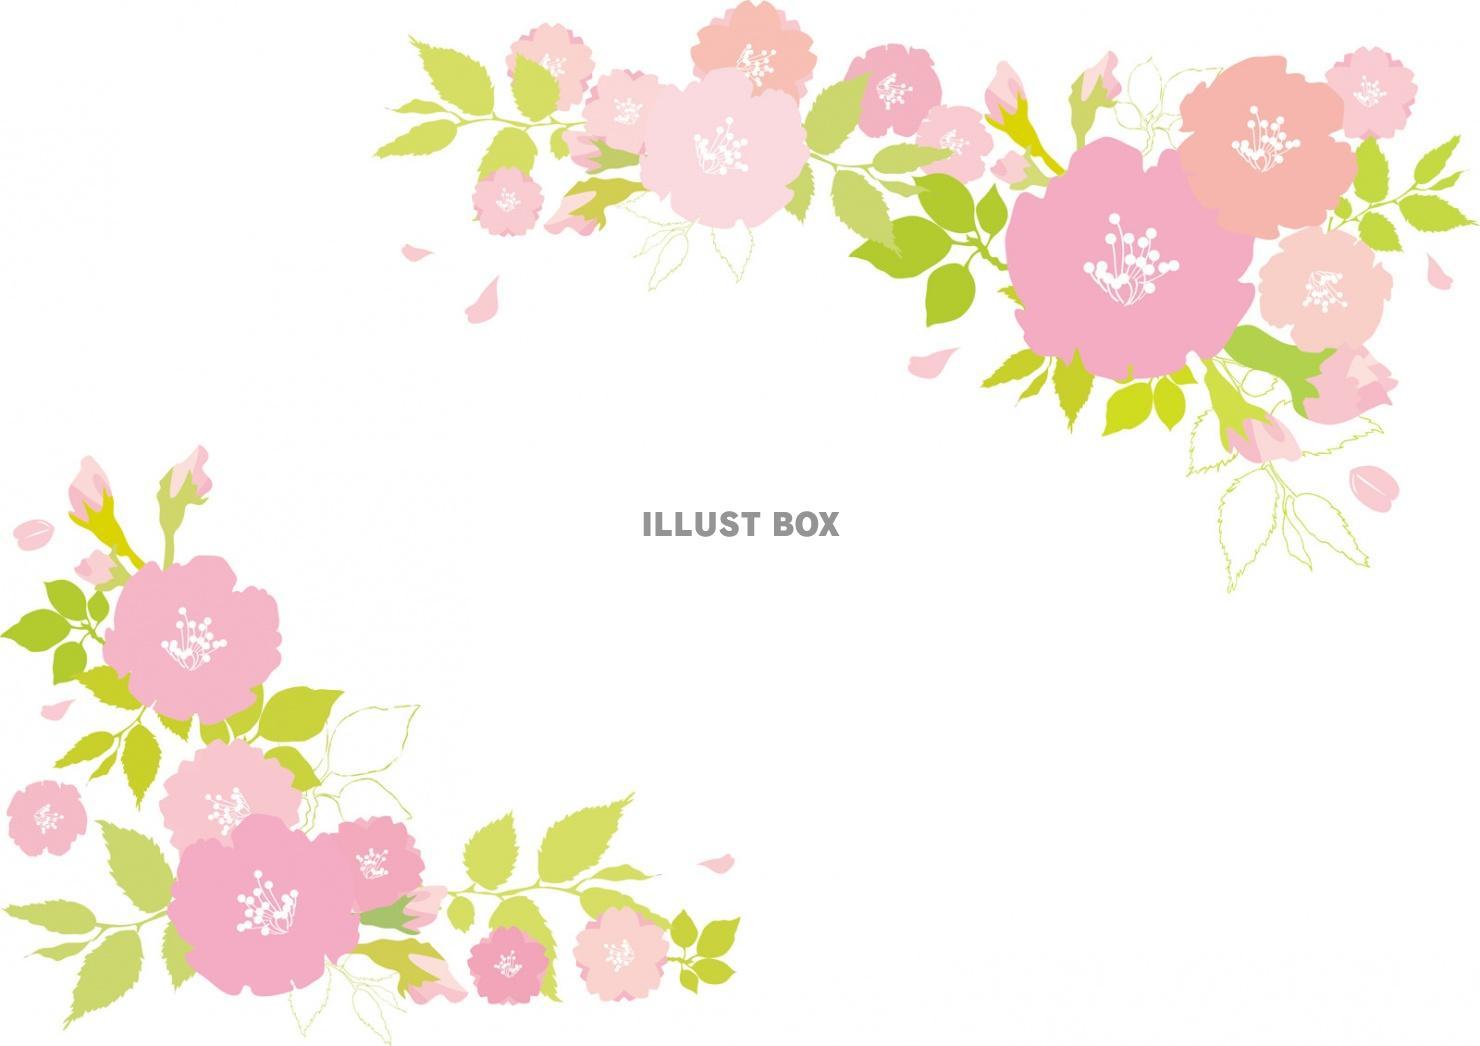 無料イラスト 桜おしゃれフレーム枠背景 飾り さくら 壁紙枠 花 手書き和